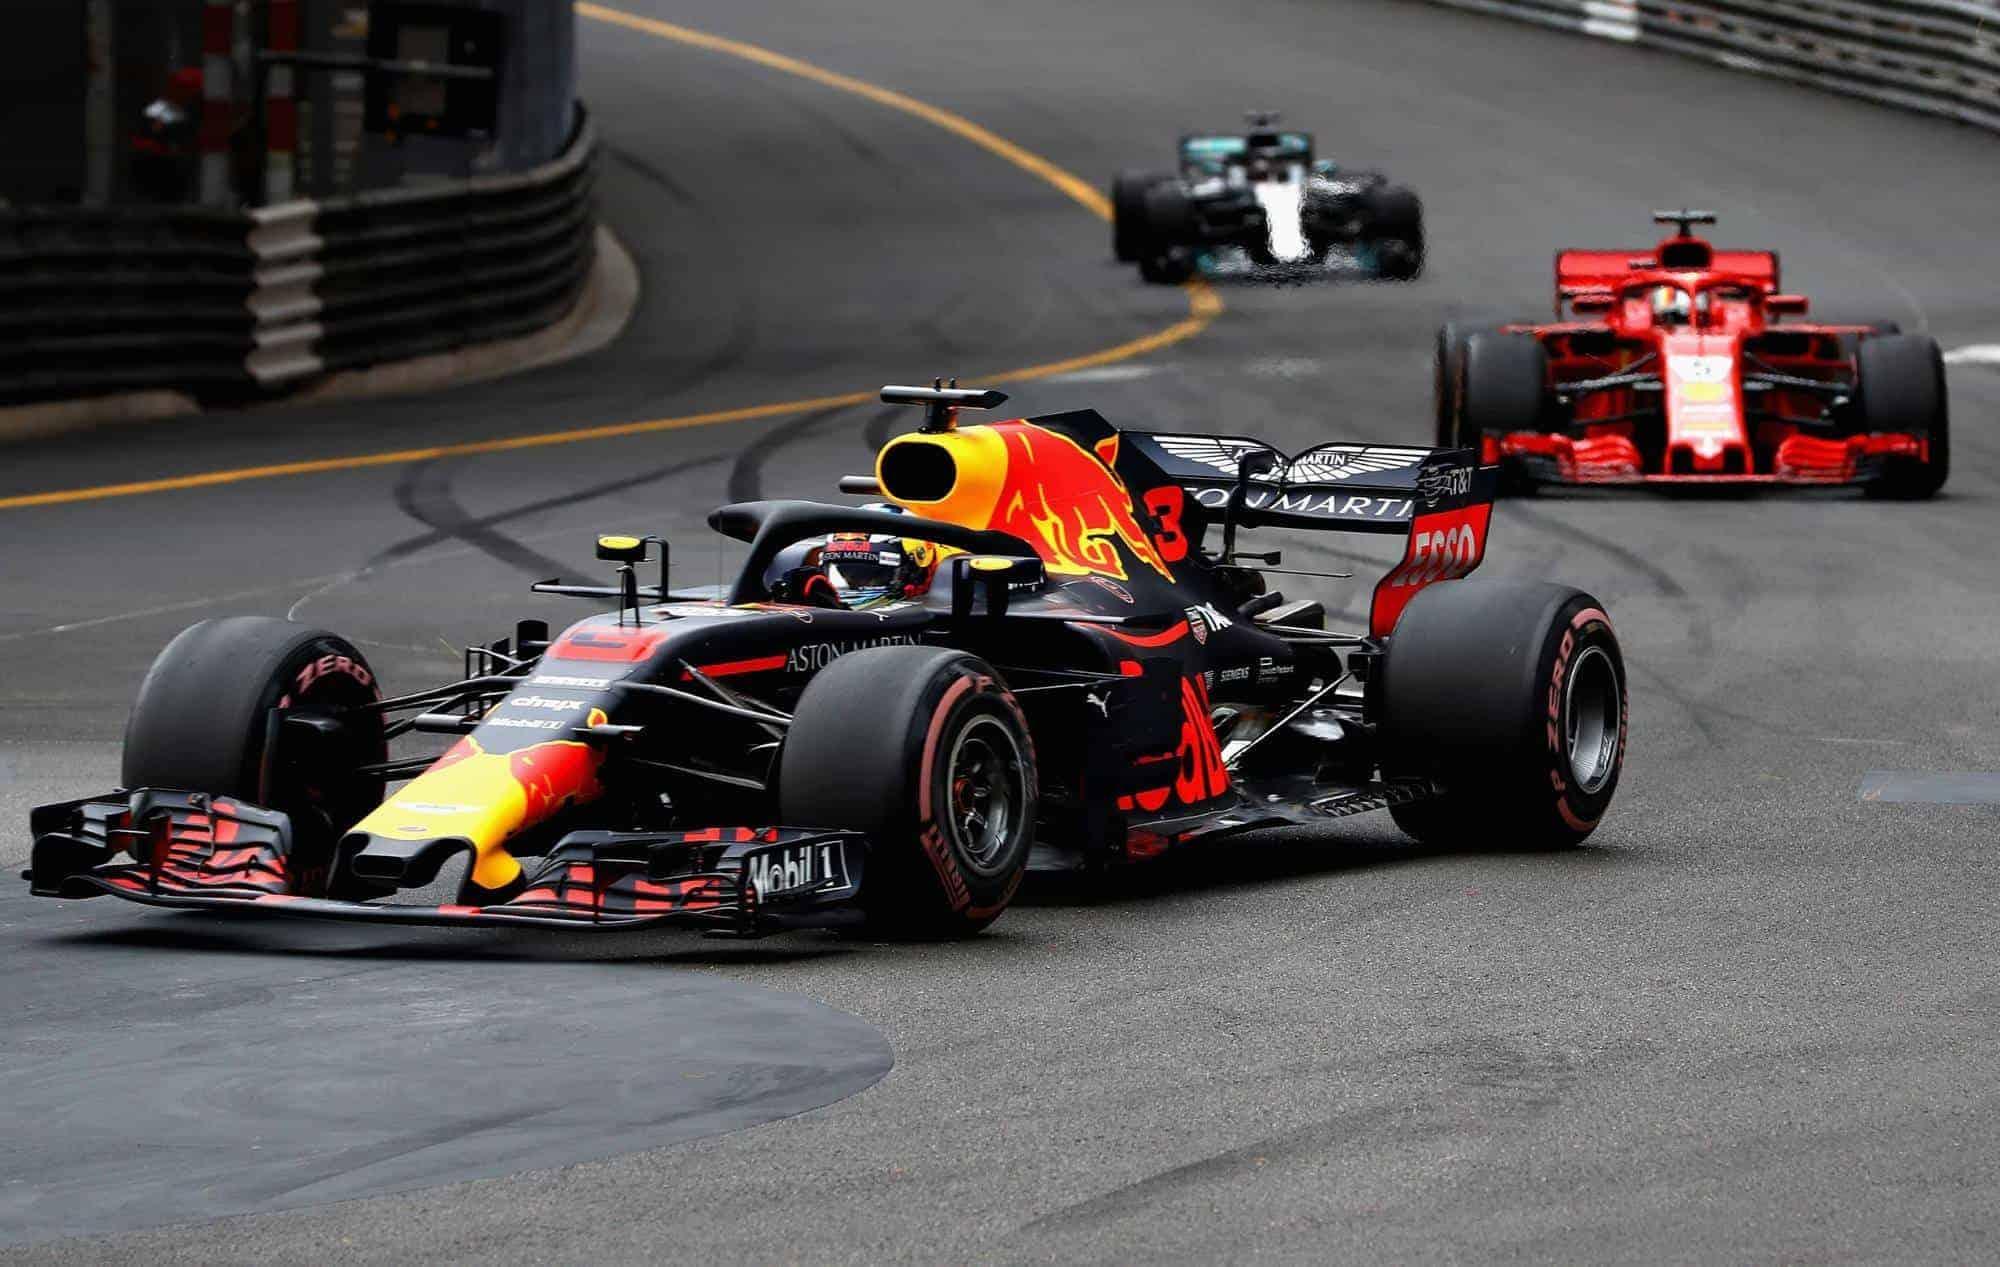 Ricciardo leads Vettel and Hamiton 2018 Monaco GP F1 Photo Red Bull